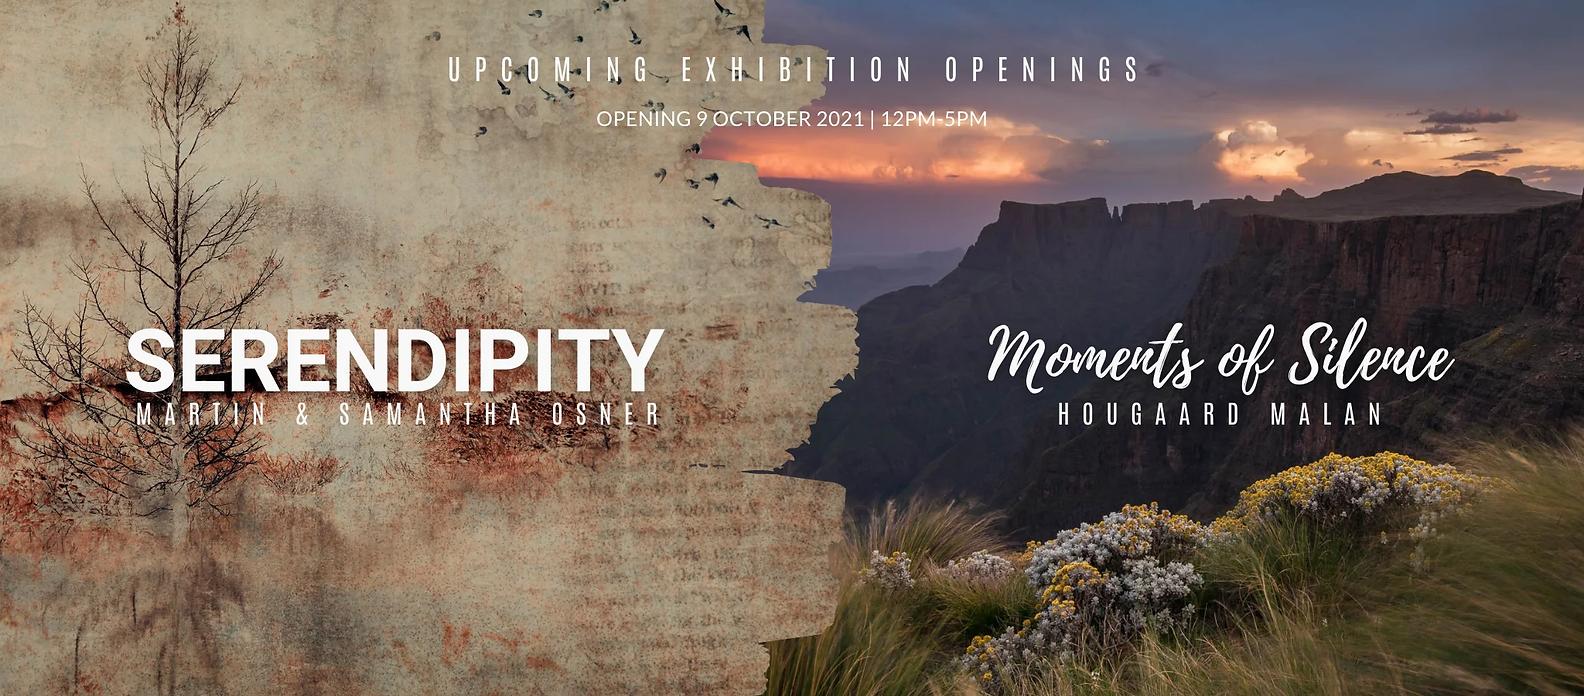 Copy of Copy of Copy of Copy of online art photography gallery.webp